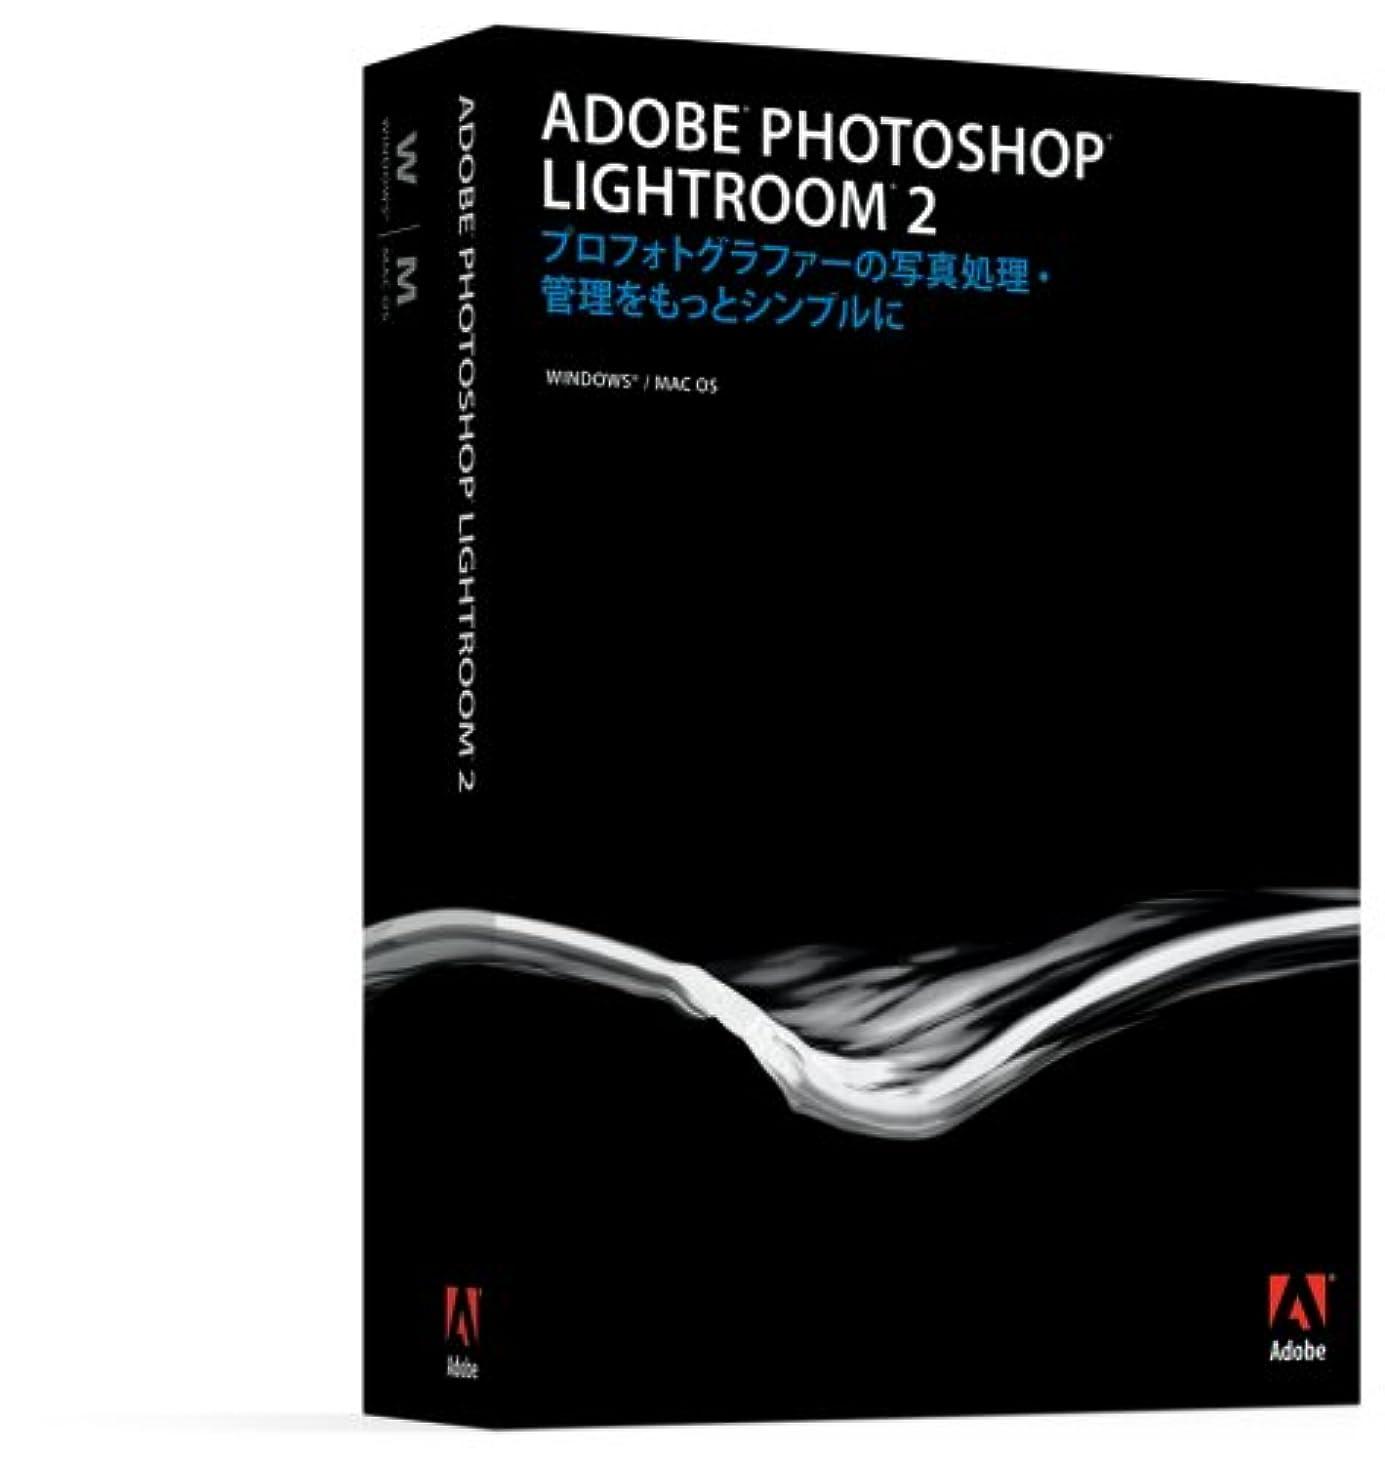 周り北米予測するAdobe Photoshop Lightroom 2.0 日本語版 Windows/Macintosh版